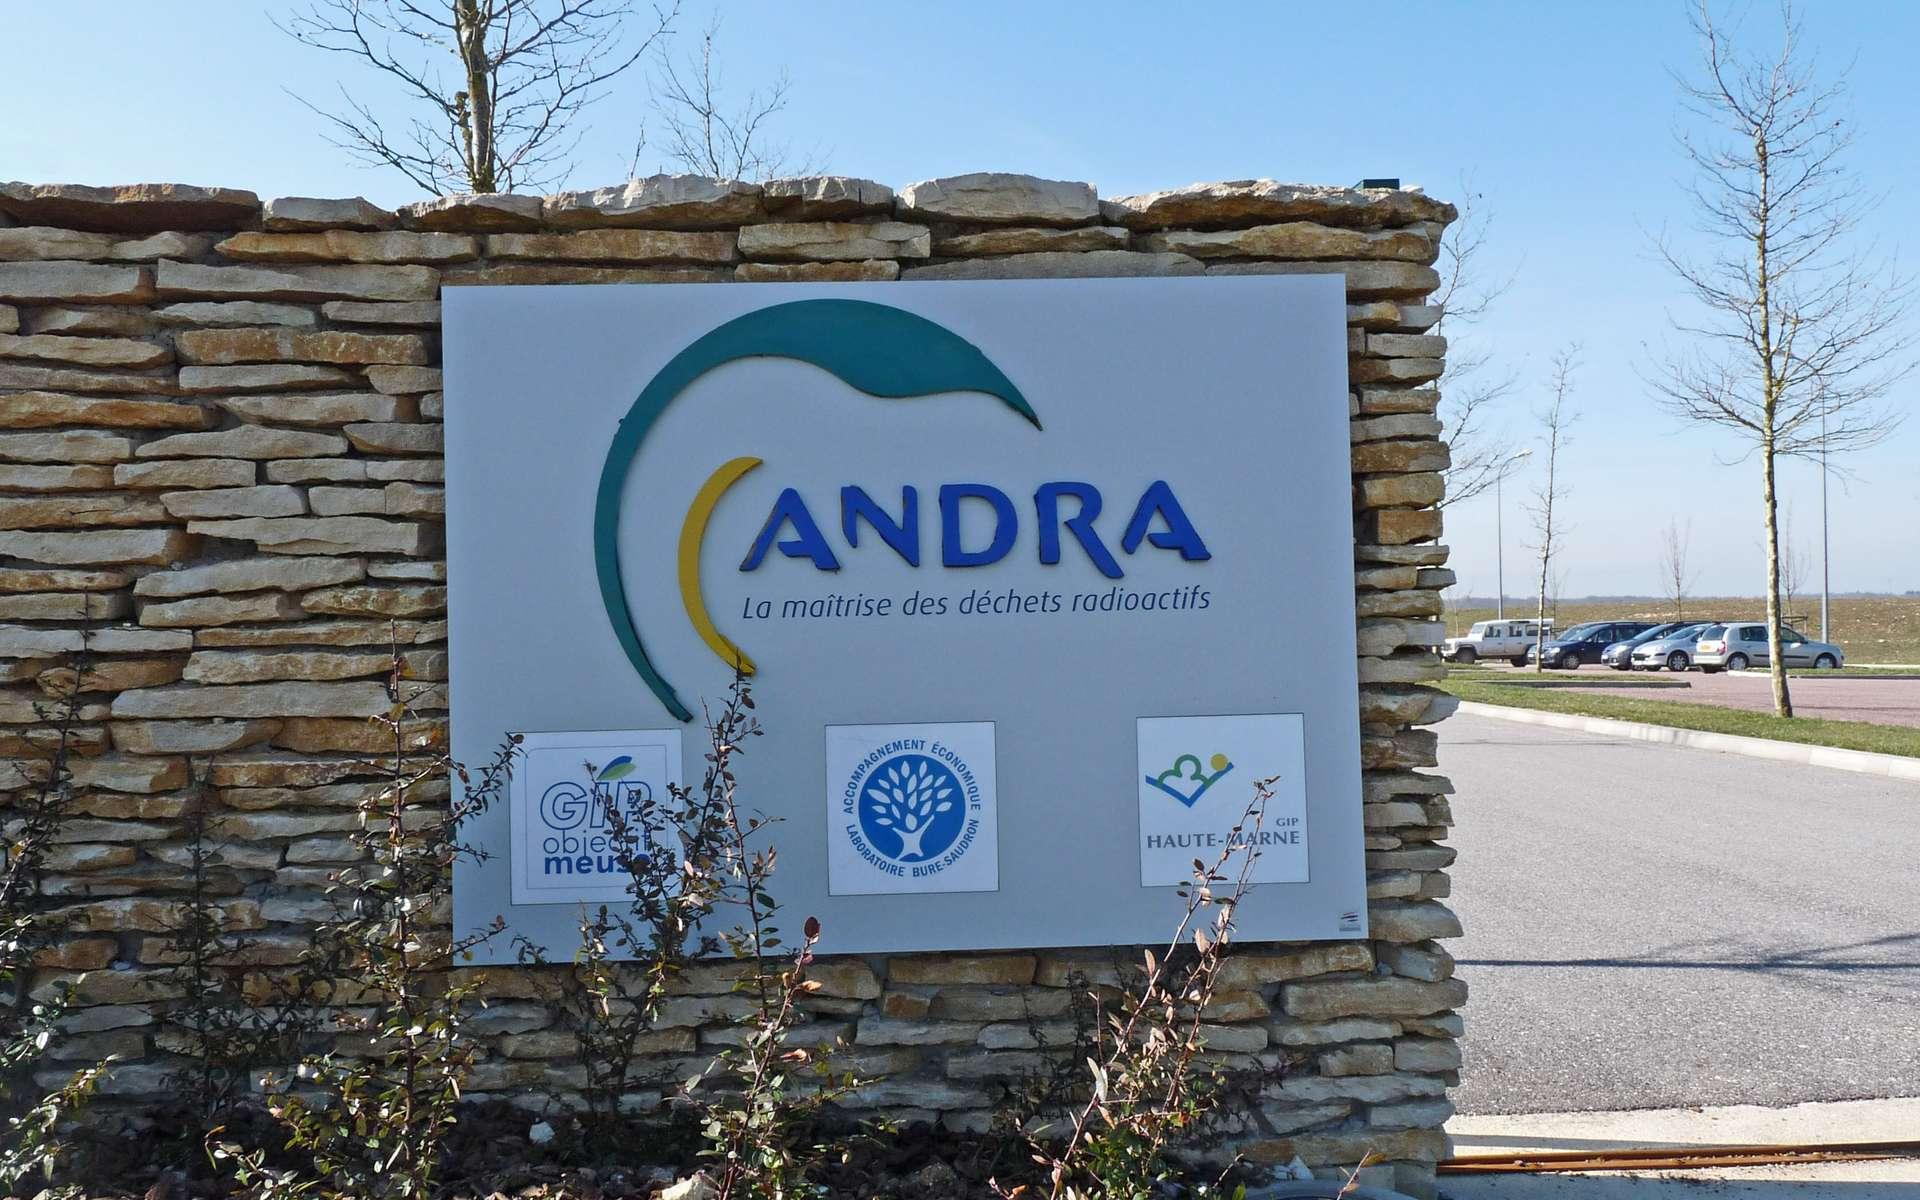 L'Andra est chargée de trouver des solutions pour stocker ou traiter les déchets radioactifs générés par les centrales, mais pas seulement. Les hôpitaux et les laboratoires de recherche produisent également des déchets de ce type. © Ji-Elle, Wikimedia Commons